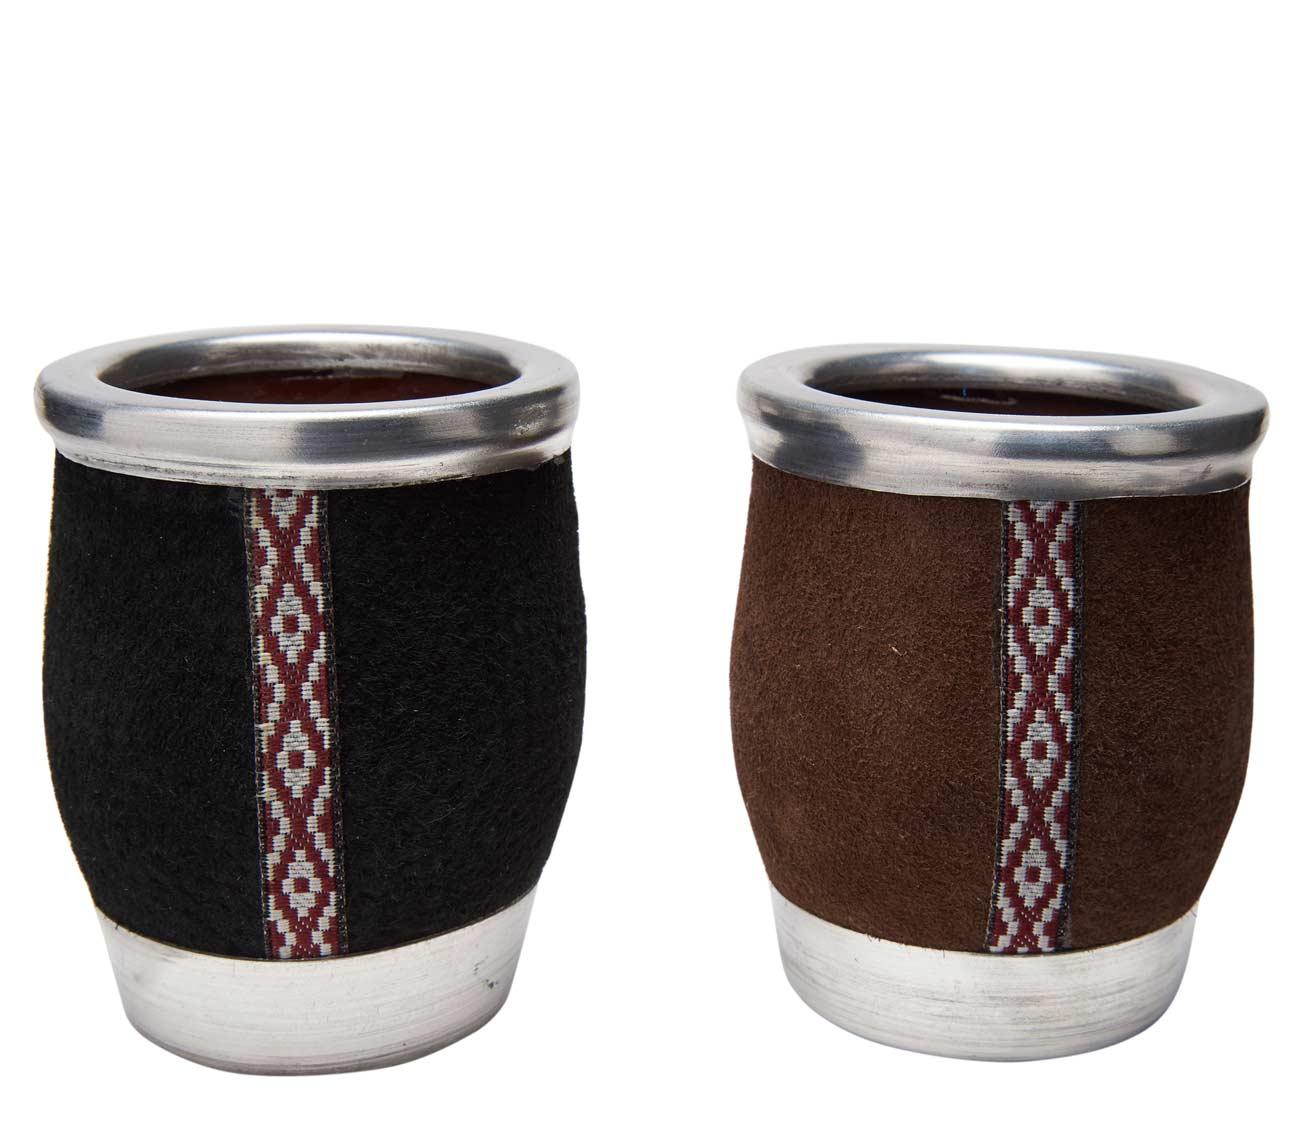 Mate de cerámica chico, Medidas: 7 cm diametro, y 9 cm de alto. Foto meramente ilustrativa.